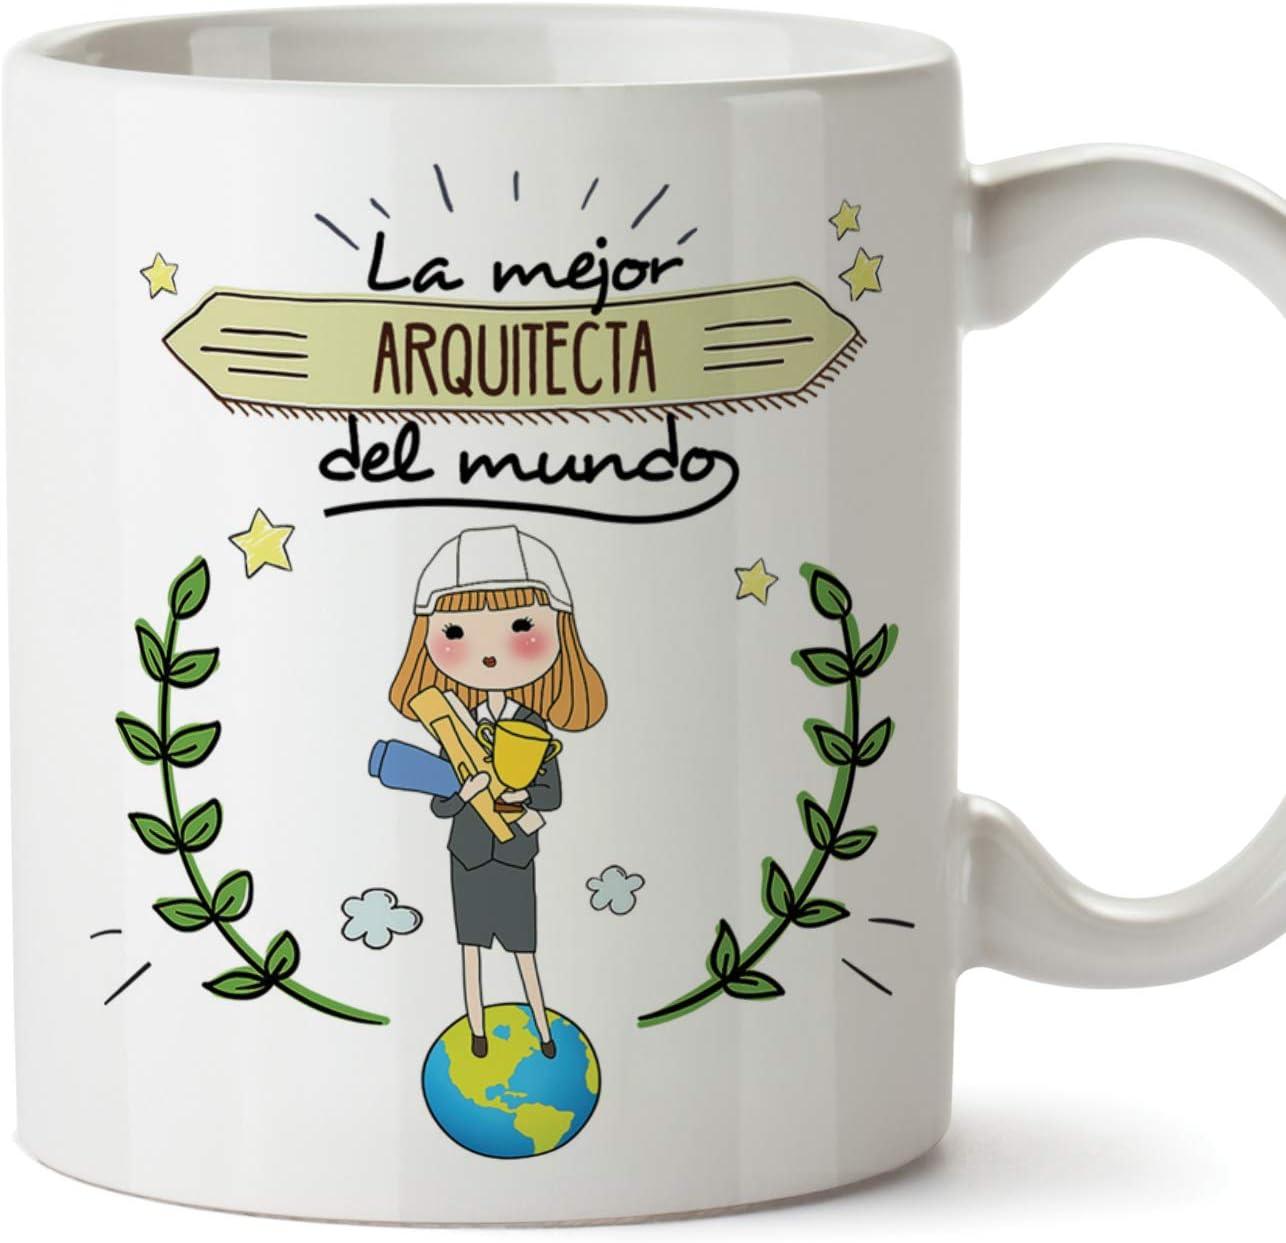 MUGFFINS Arquitecta Tazas Originales de café y Desayuno para Regalar a Trabajadores Profesionales - La Mejor Arquitecta del Mundo - Cerámica 350 ml